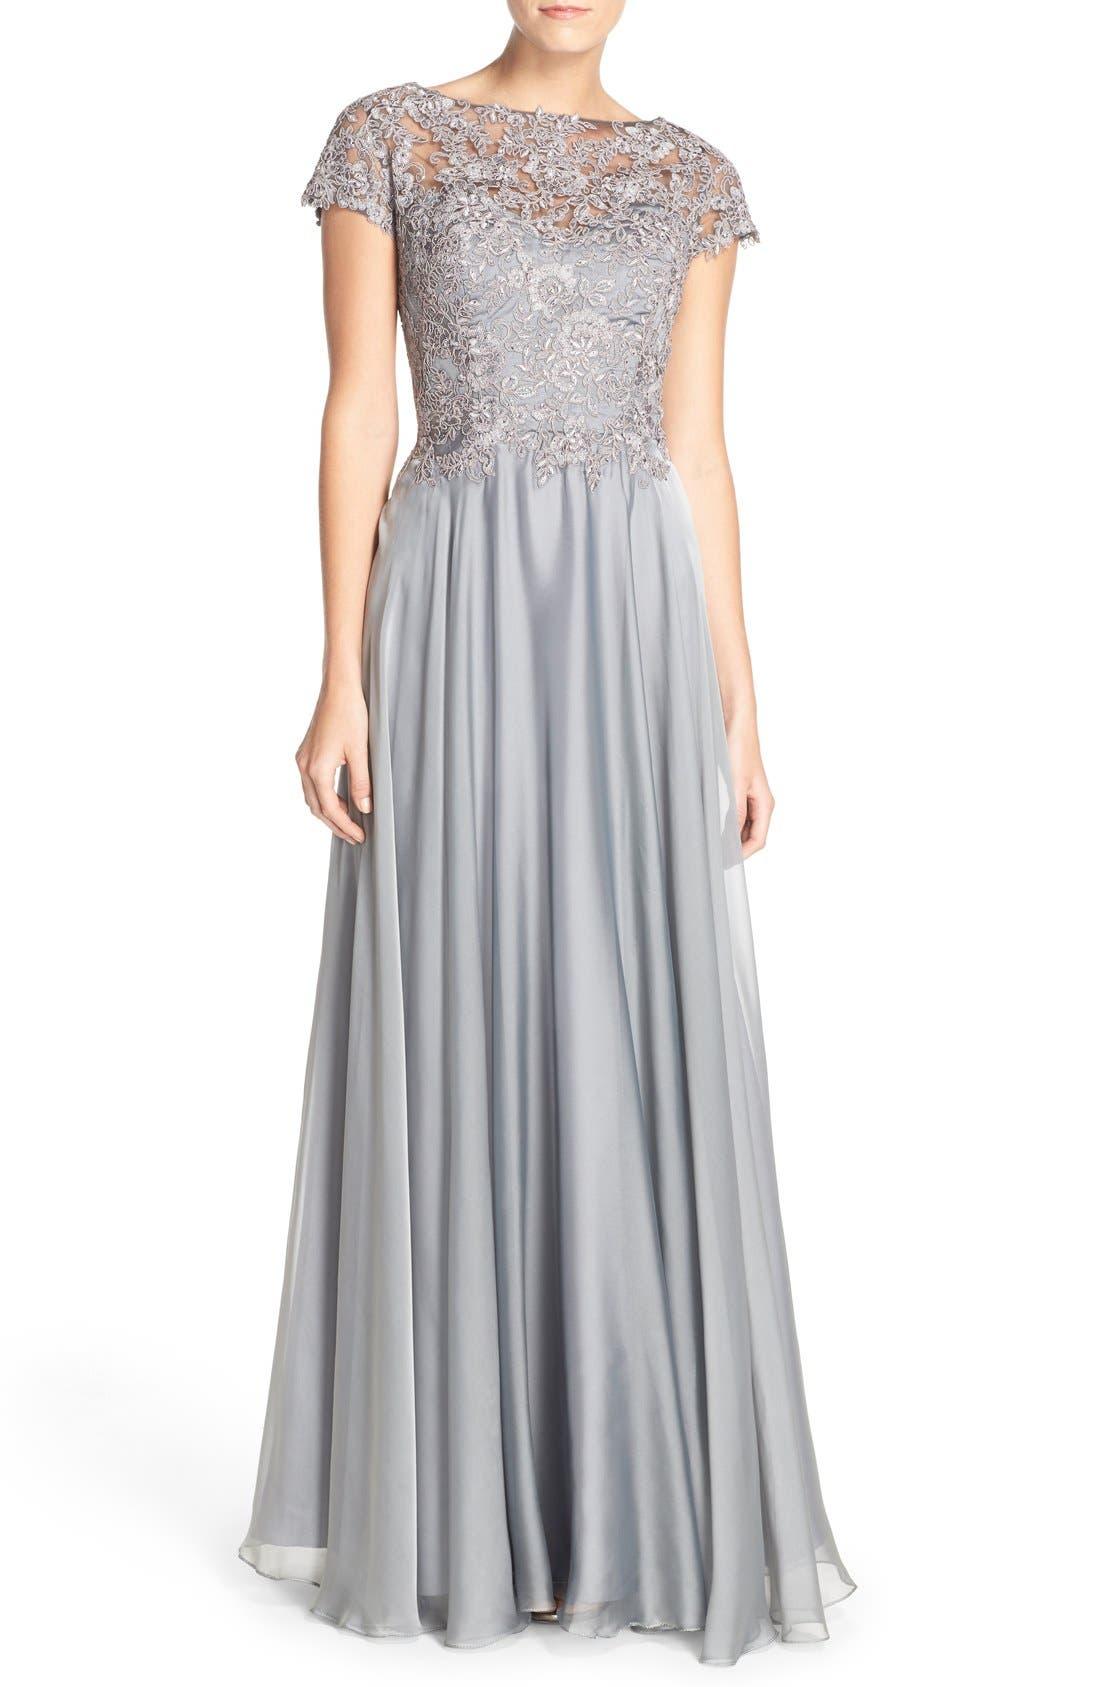 Alternate Image 1 Selected - La Femme Embellished Lace & Satin Ballgown